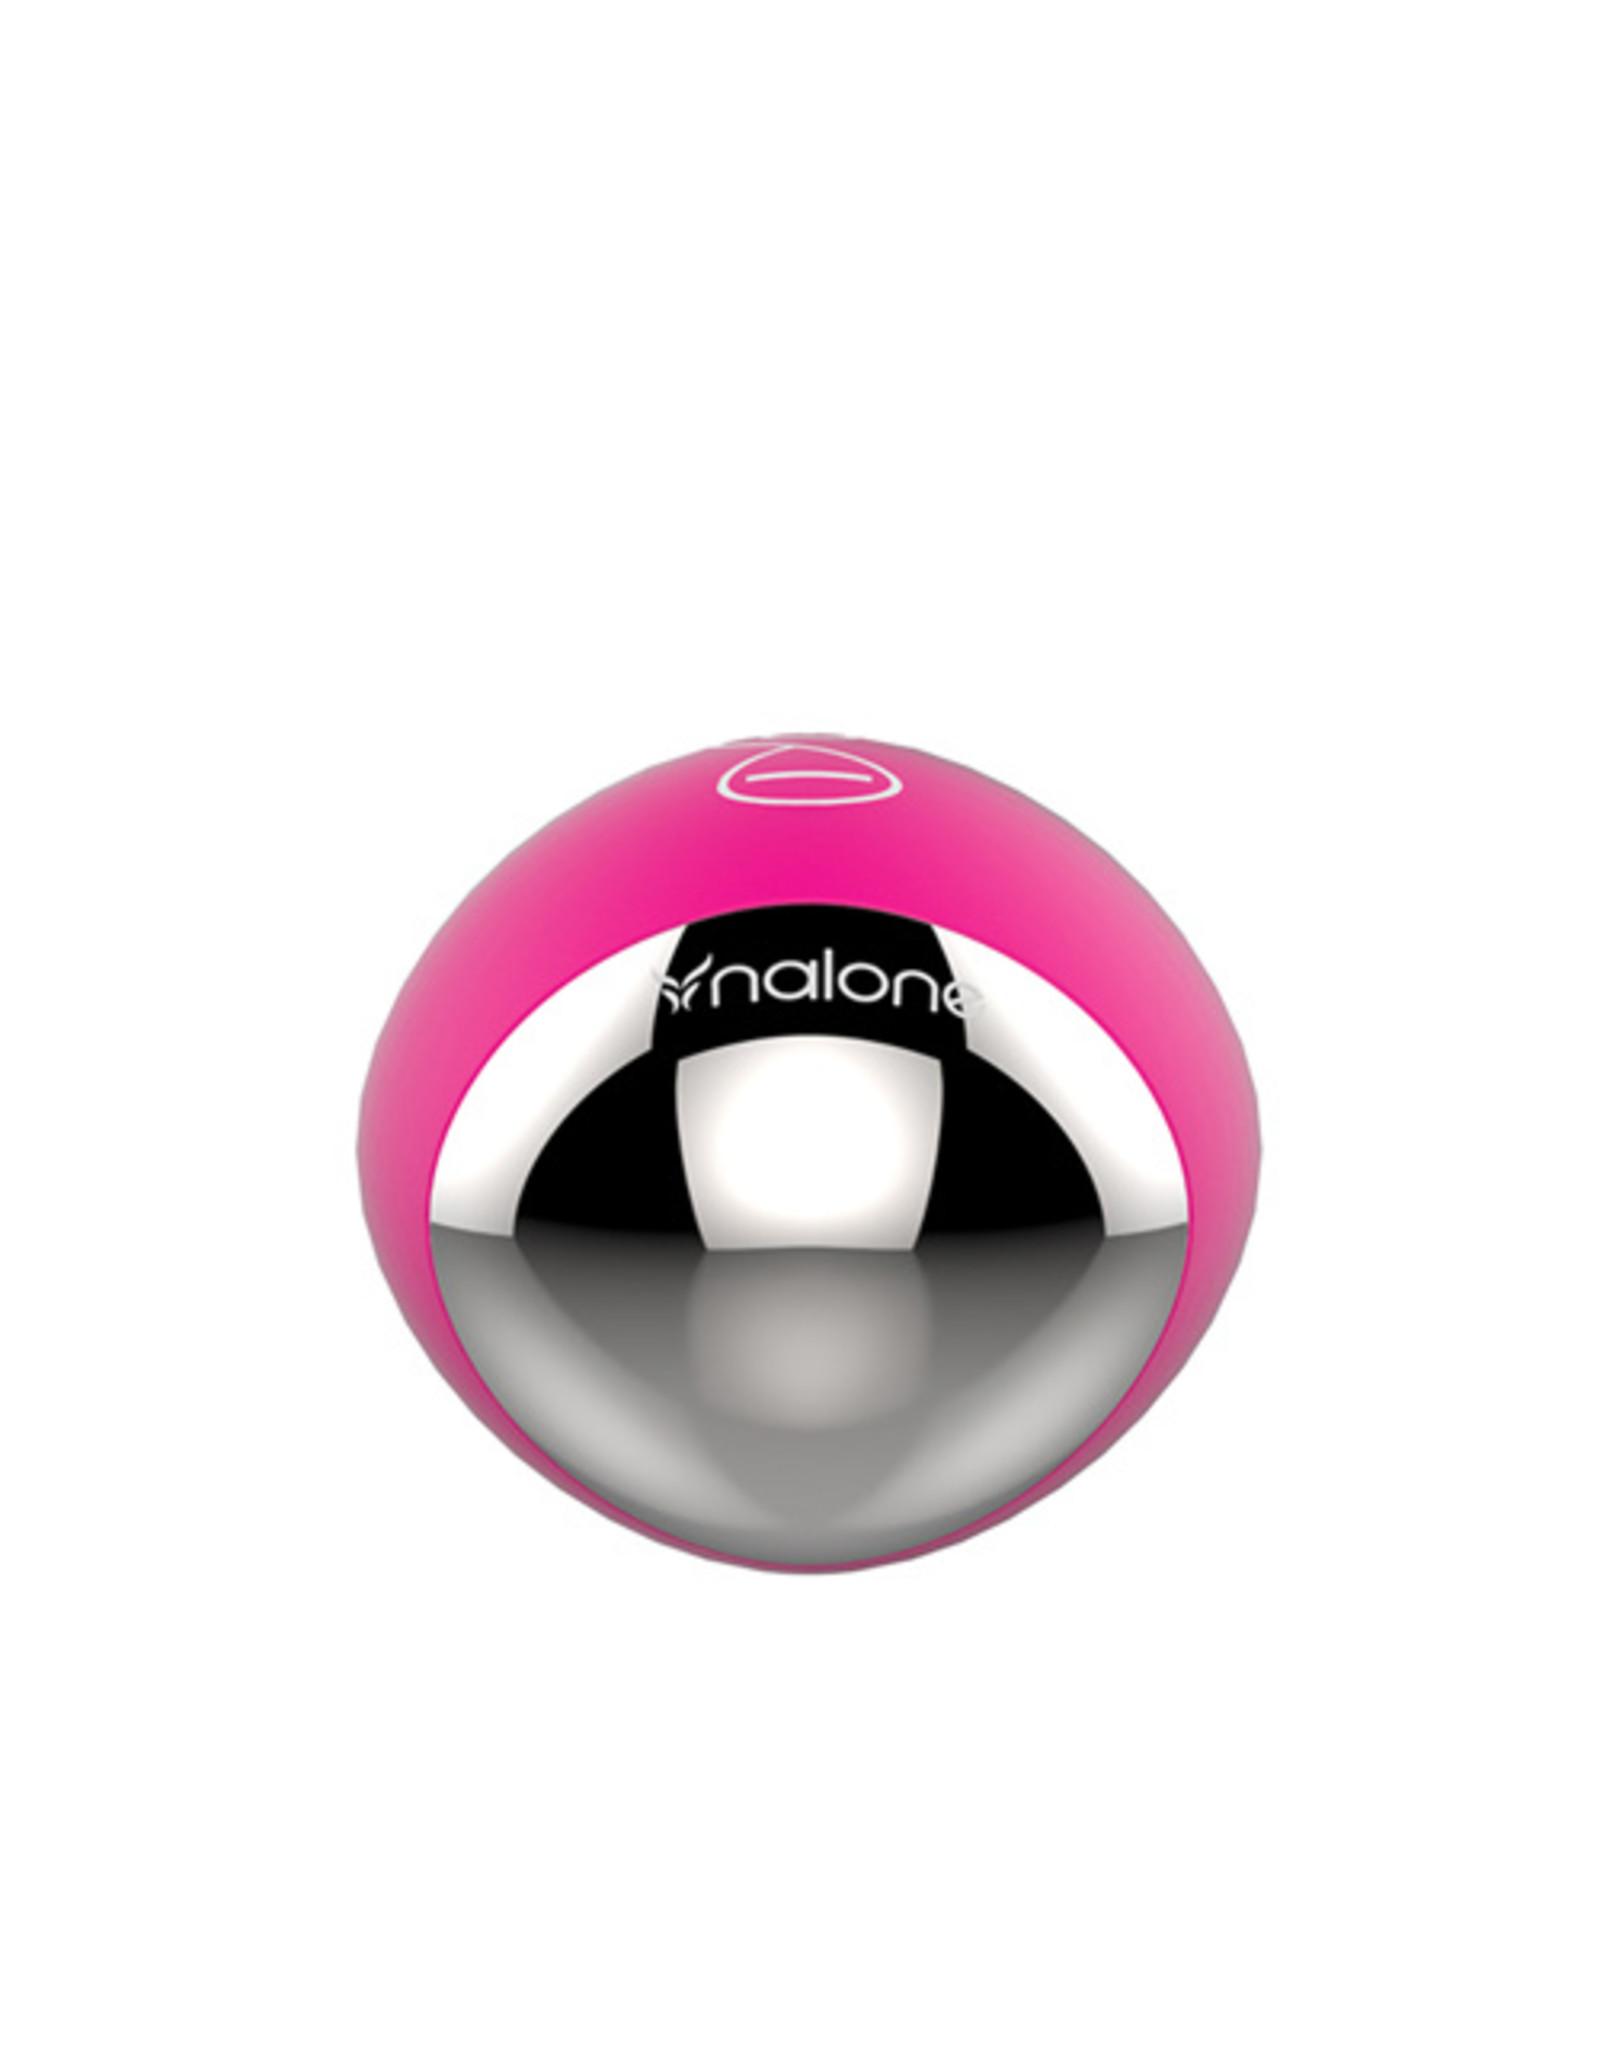 Nalone Nalone YoYo G-Spot Vibrator